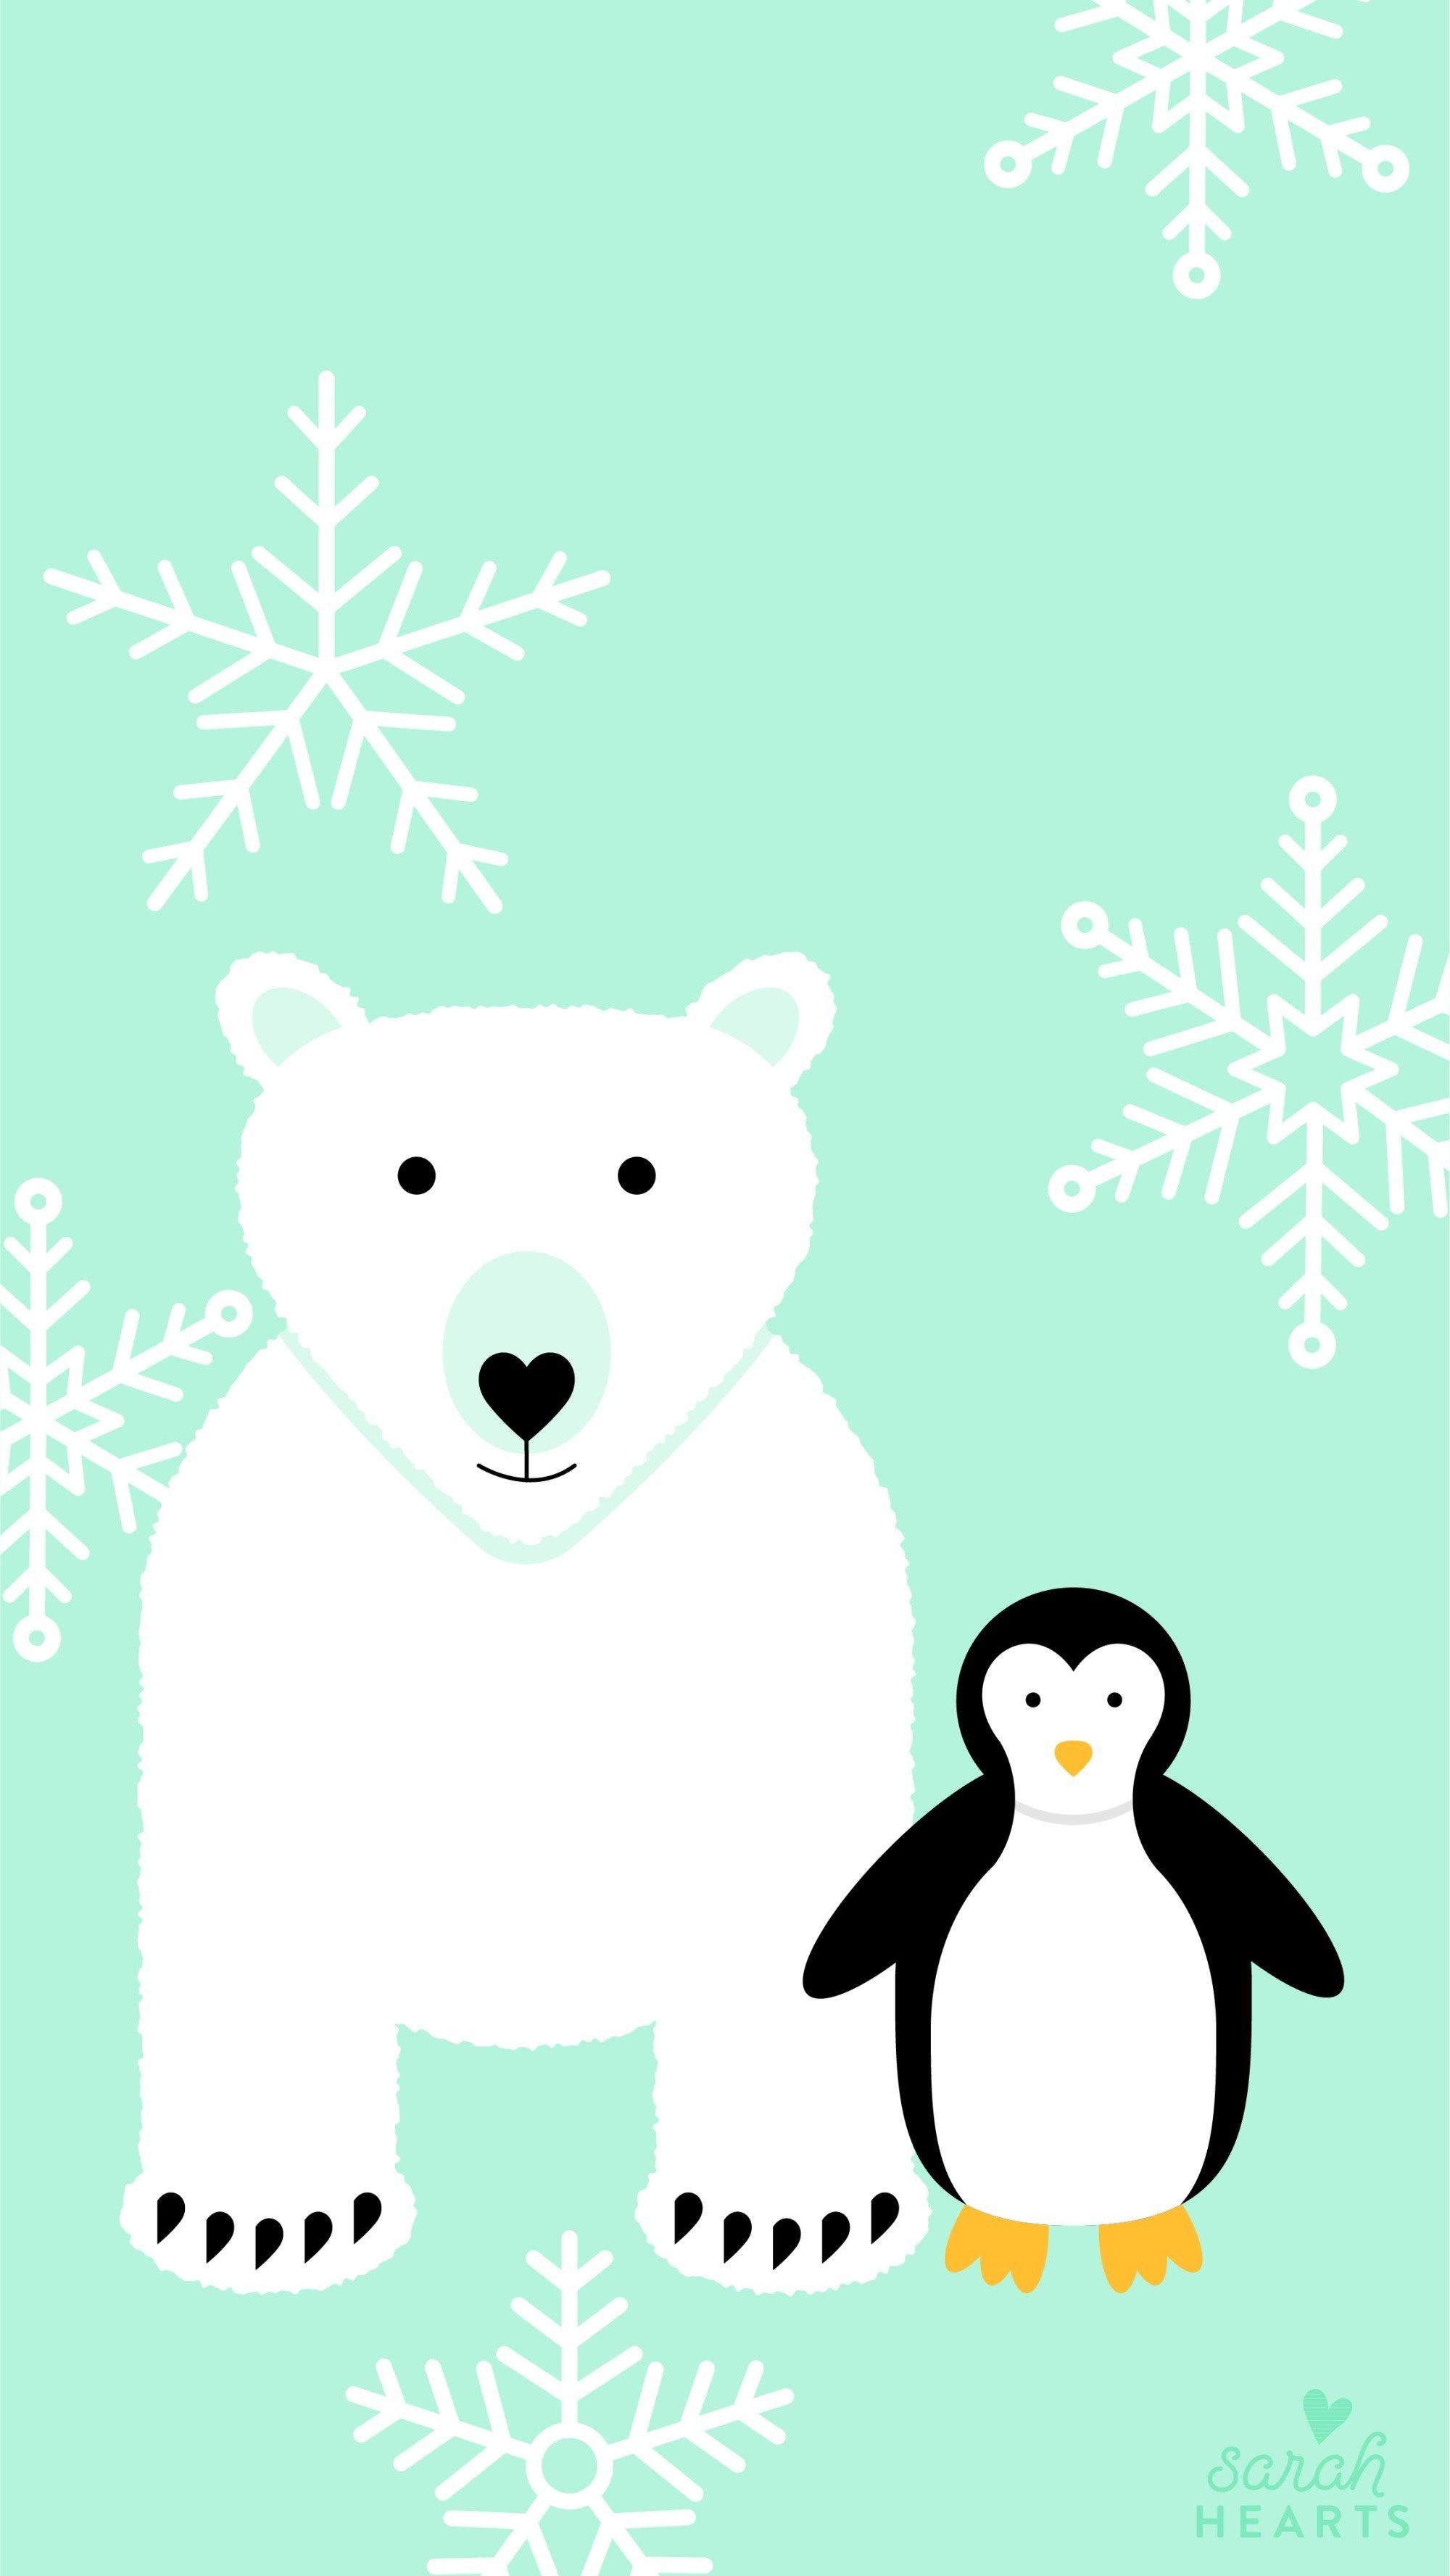 Polar Bear and Penguin January 2018 Calendar Wallpaper - Sarah Hearts